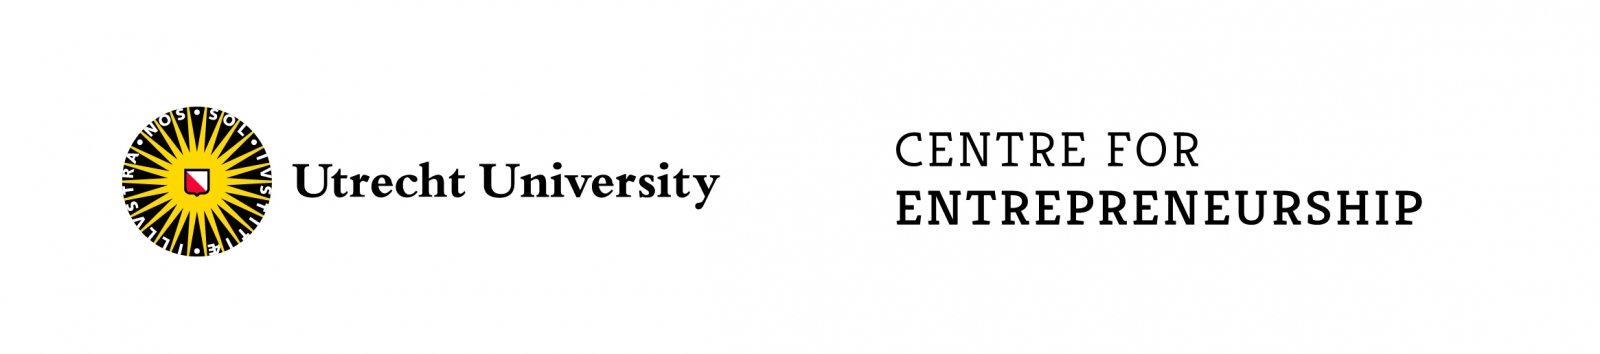 Centre for Entrepreneurship